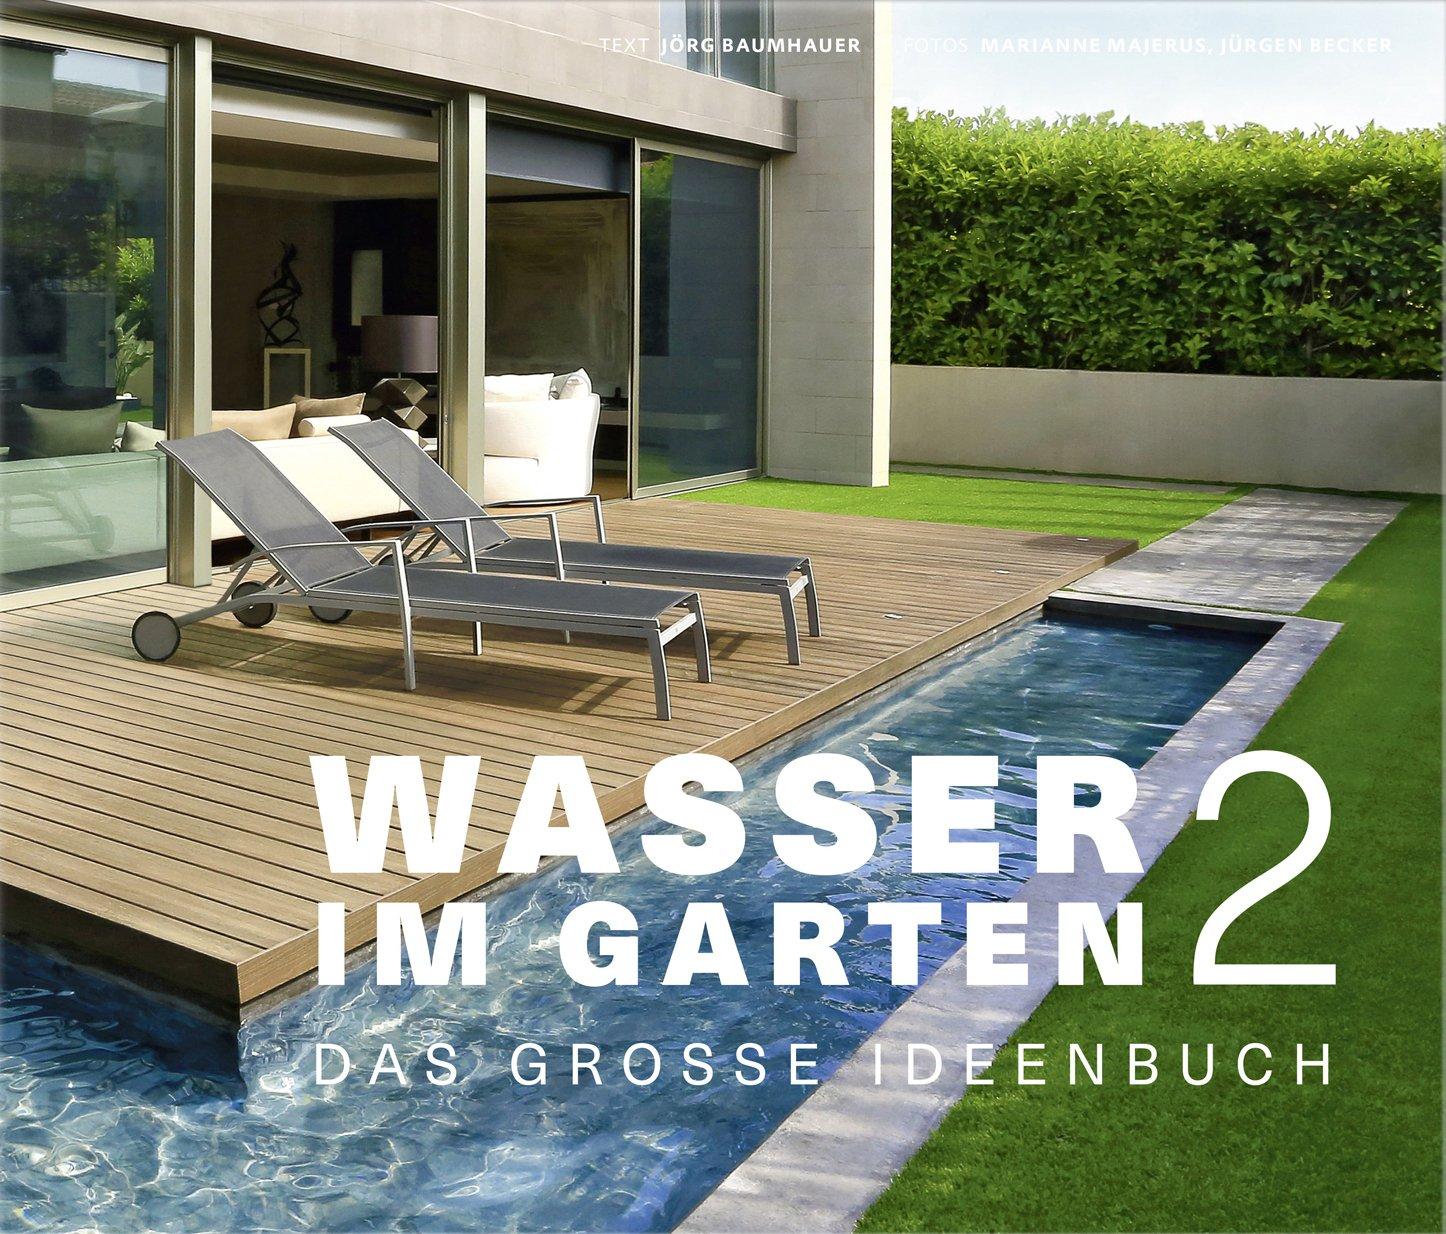 Wasser im Garten 2 - Das große Ideenbuch Garten- und Ideenbücher ...